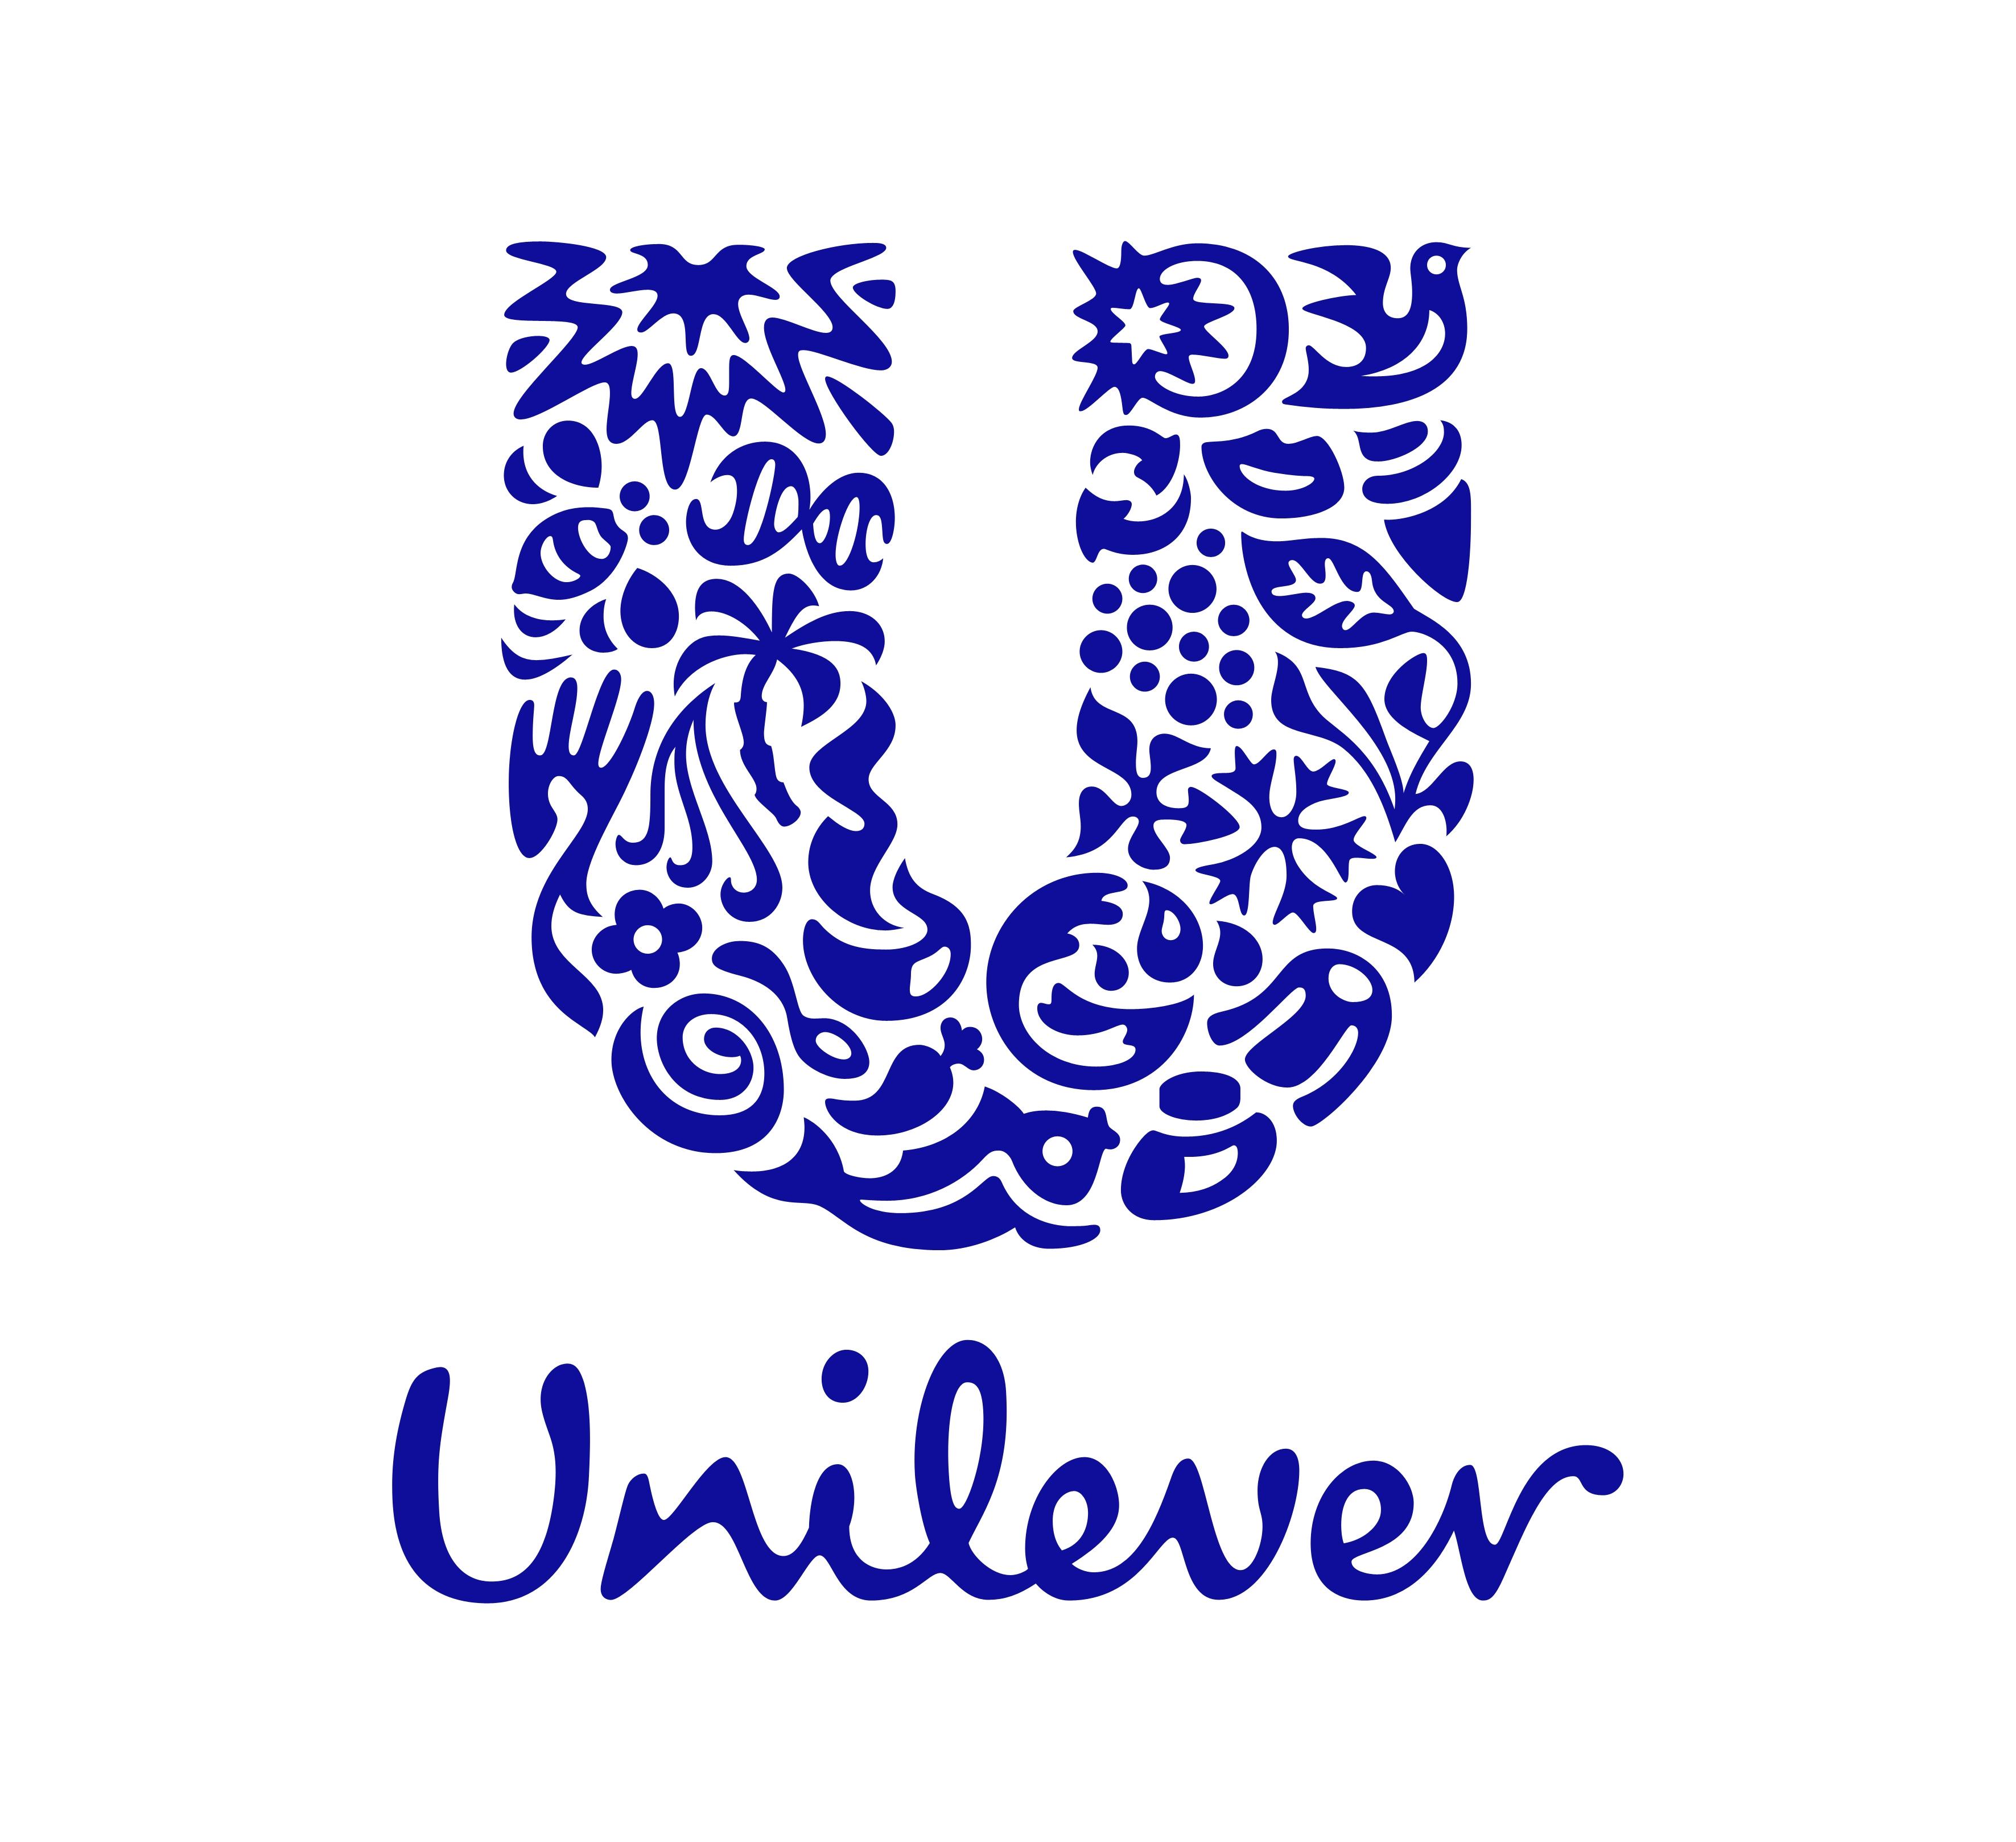 Pracovní příležitost: Unilever – STOCK ACCOUNTANT & LOGISTIC PROJECT SPECIALIST